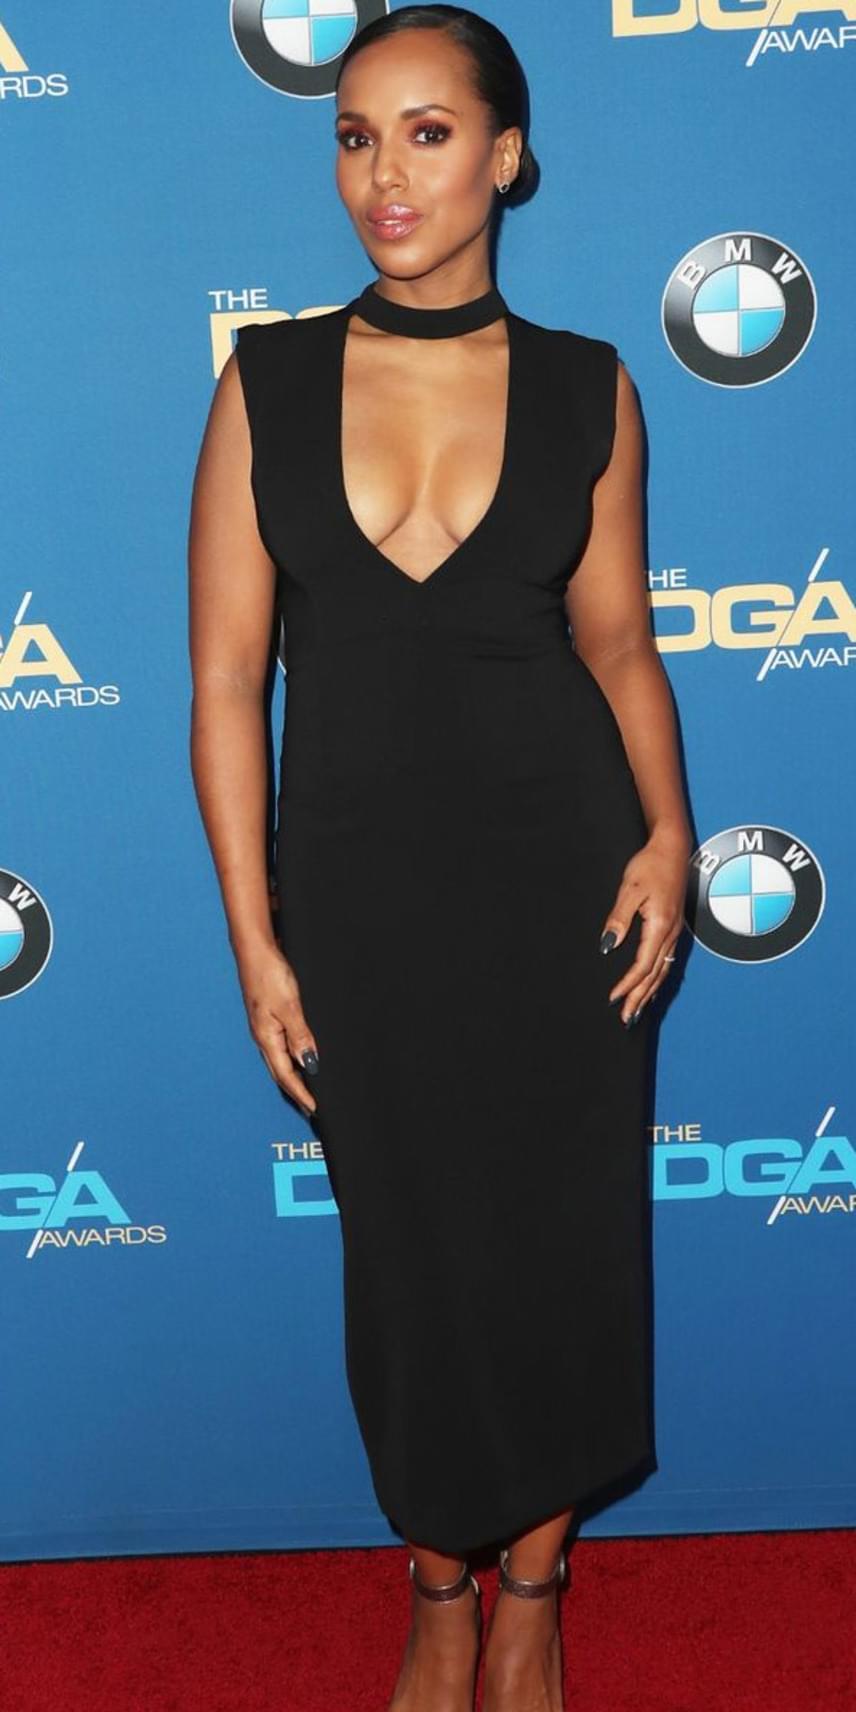 Kerry Washington ezzel szemben szexisre vette a figurát: szorosan testre simuló, mélyen dekoltált fekete estélyibe bújtatta nőies idomait.